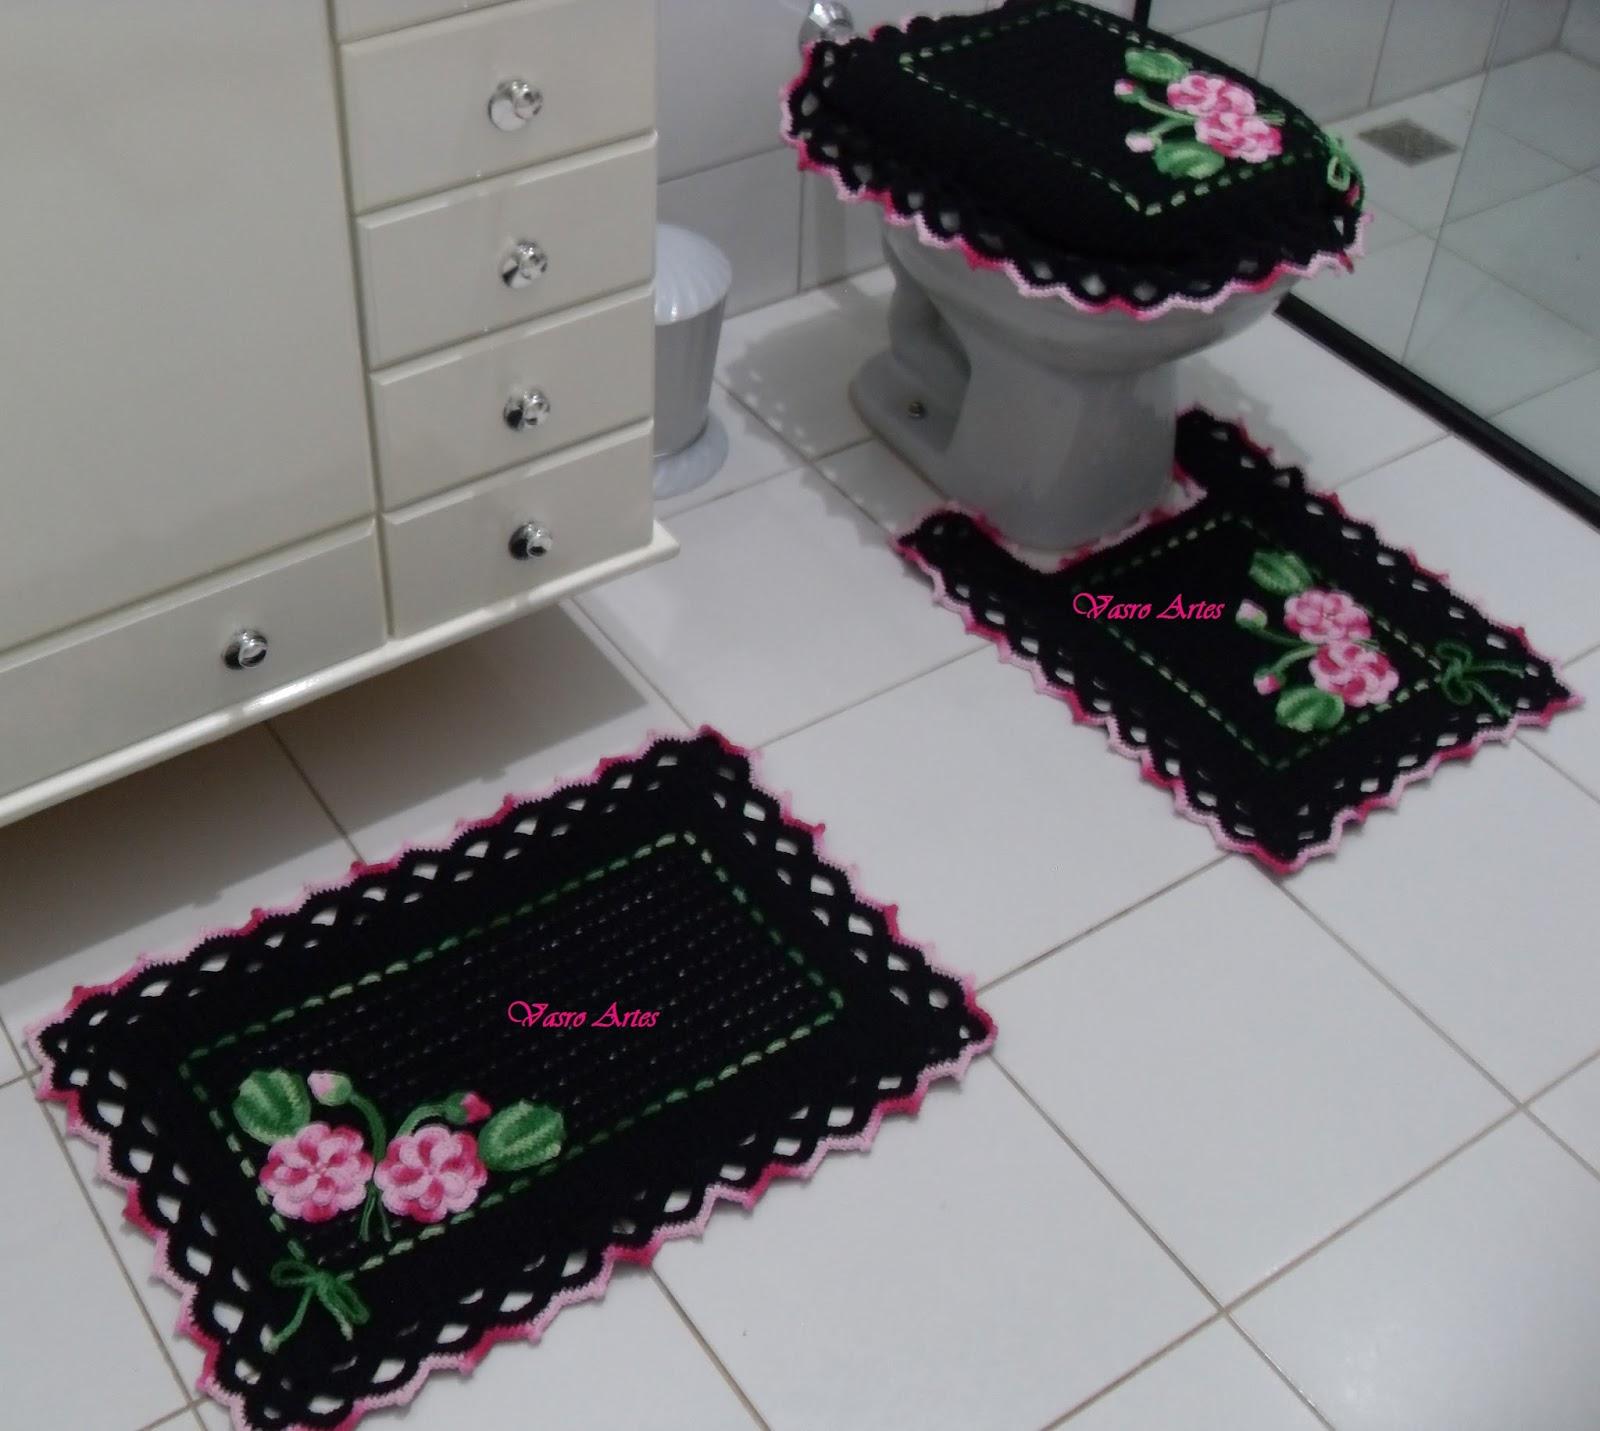 #693747  : Jogo de Tapetes de Crochê para Banheiro Jogo de Tapetes Carolina 1600x1431 px tapete de banheiro em frances